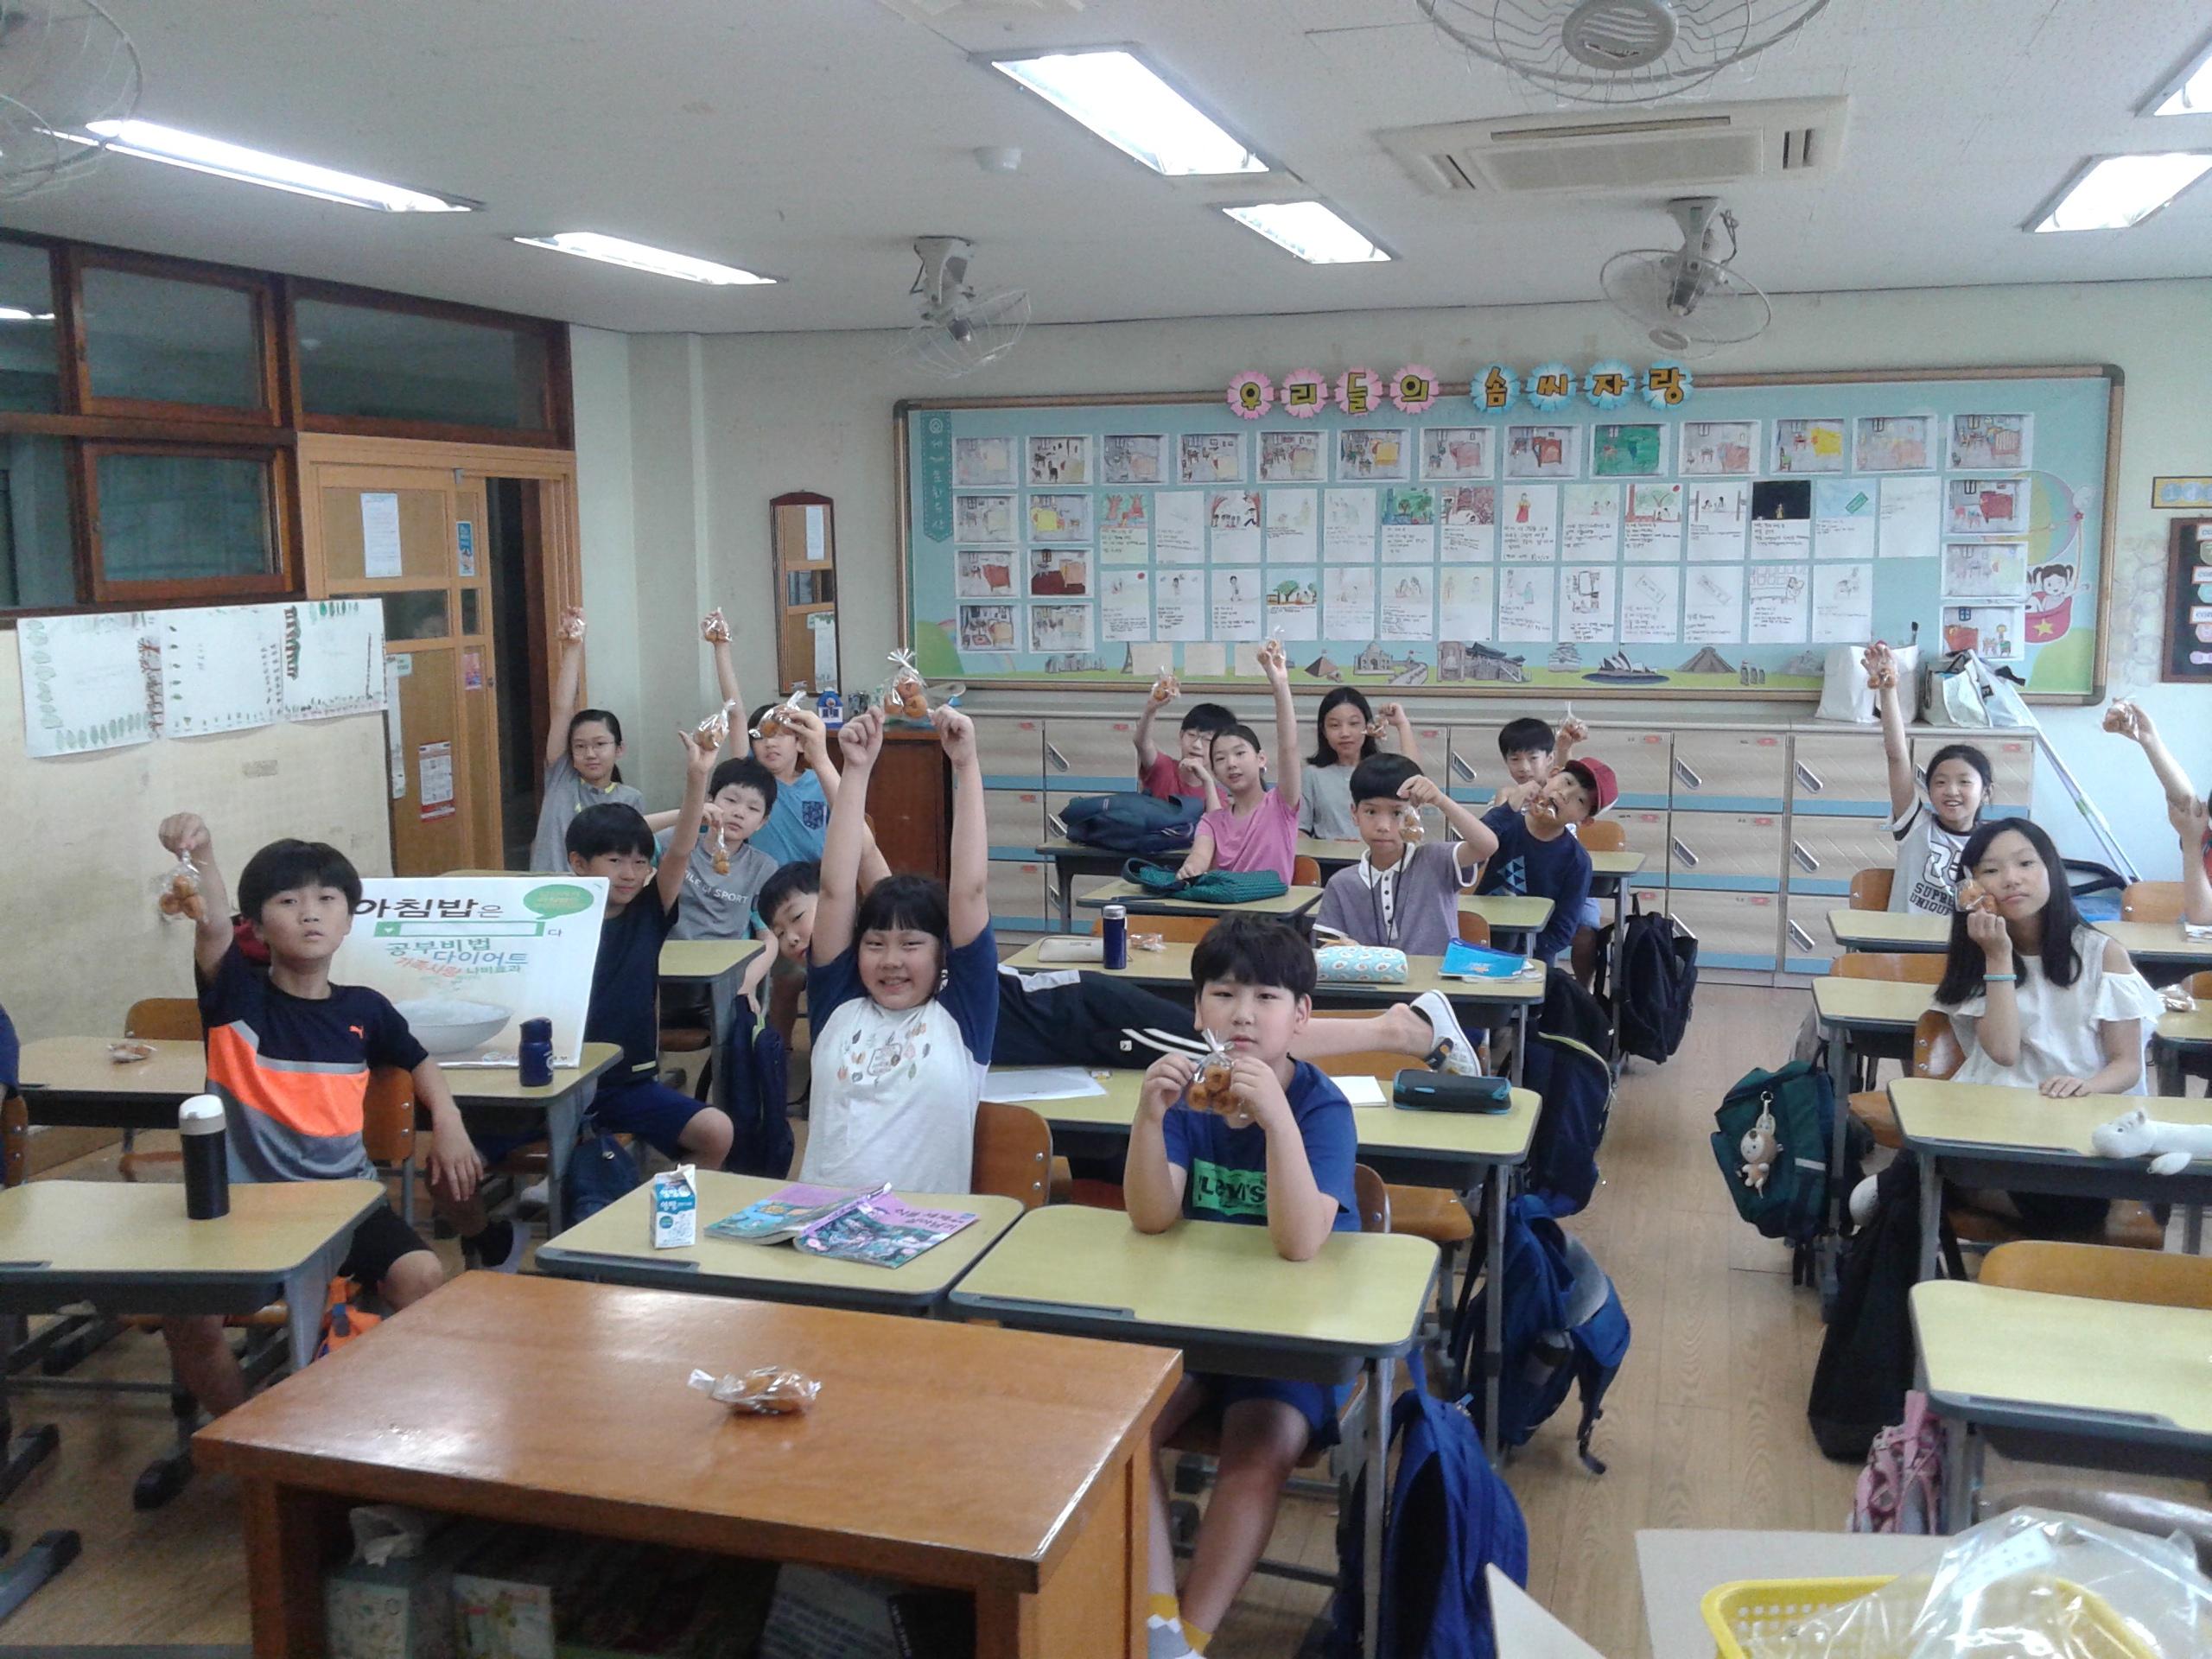 [일반] 전교학생자치회 7월 캠페인의 첨부이미지 4